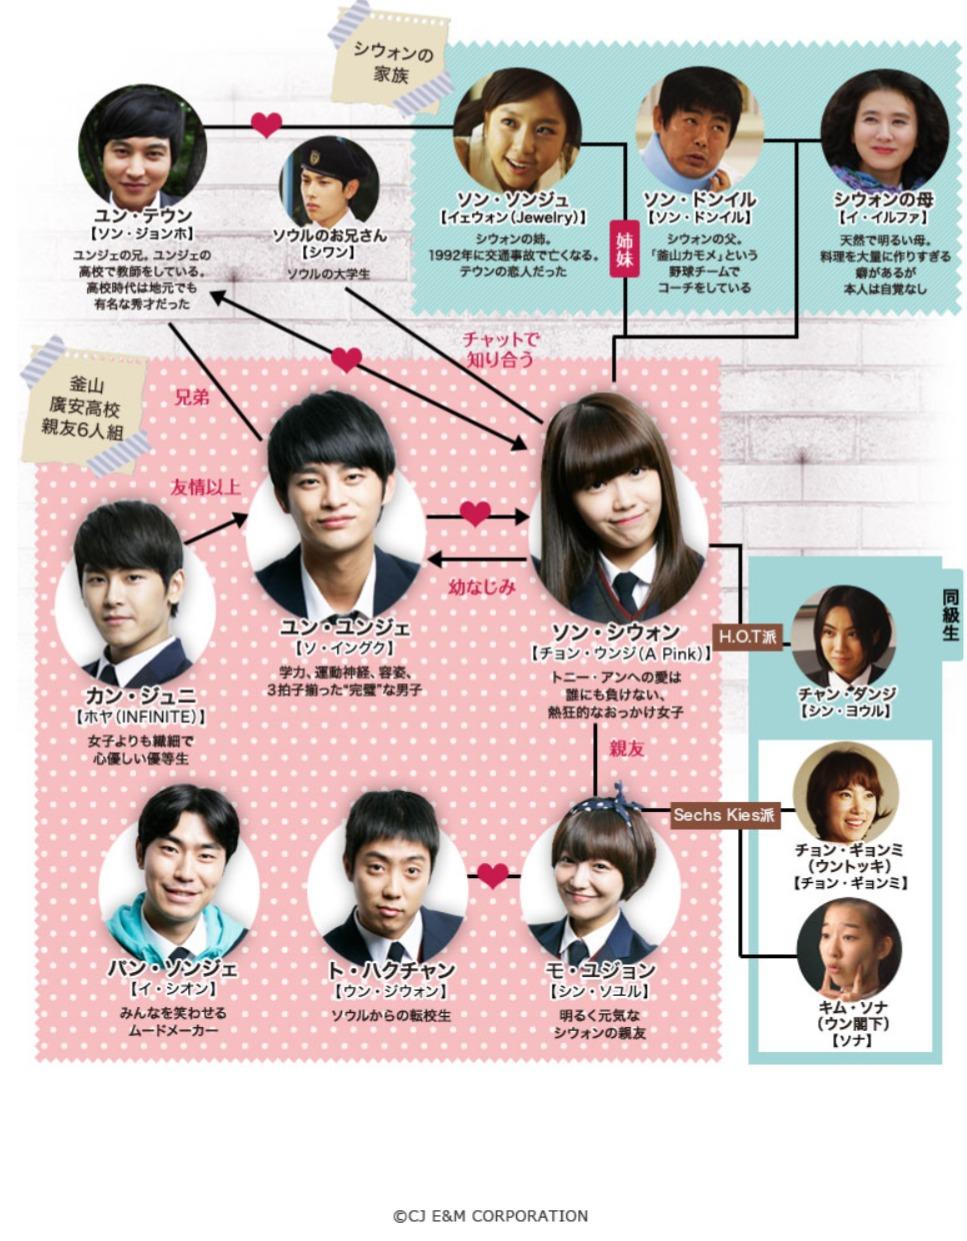 韓国ドラマ『応答せよ1997』登場人物相関図(関係図)